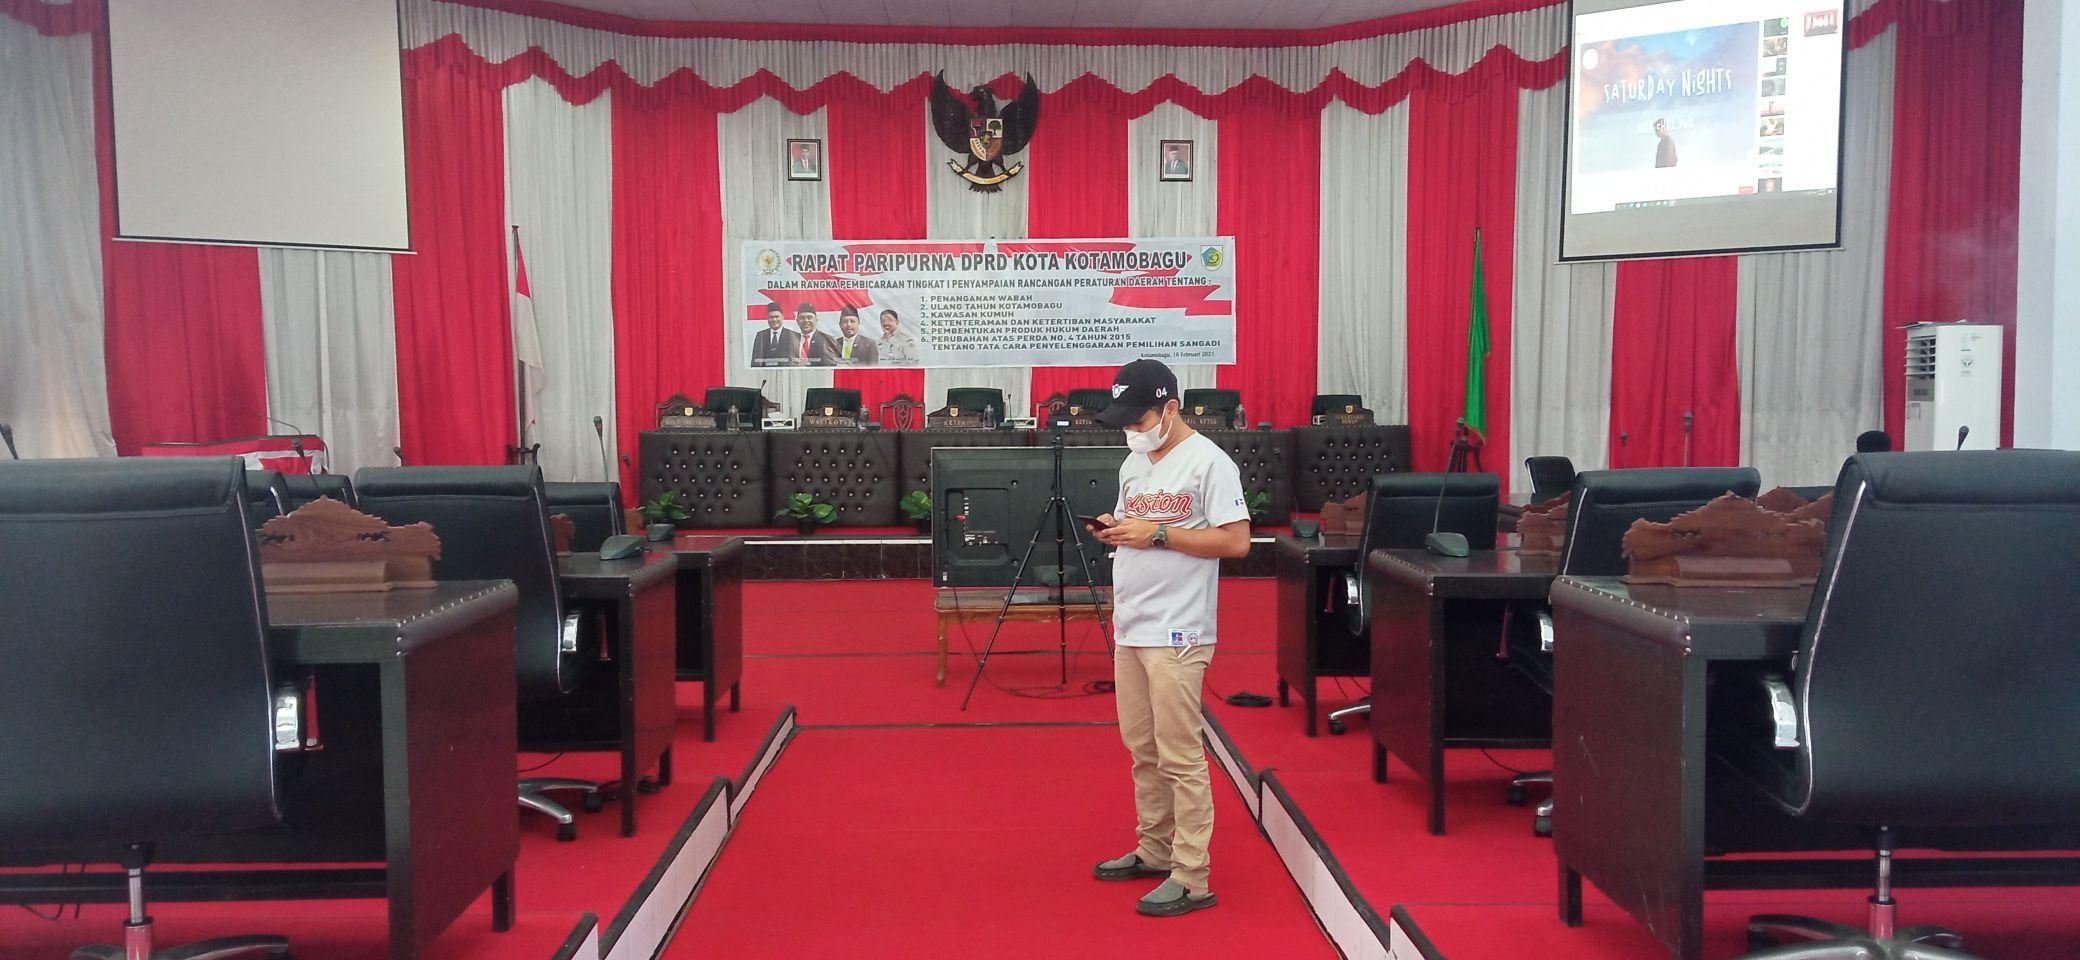 Suasana di dalam gedung paripurna DPRD Kota Kotamobagu.